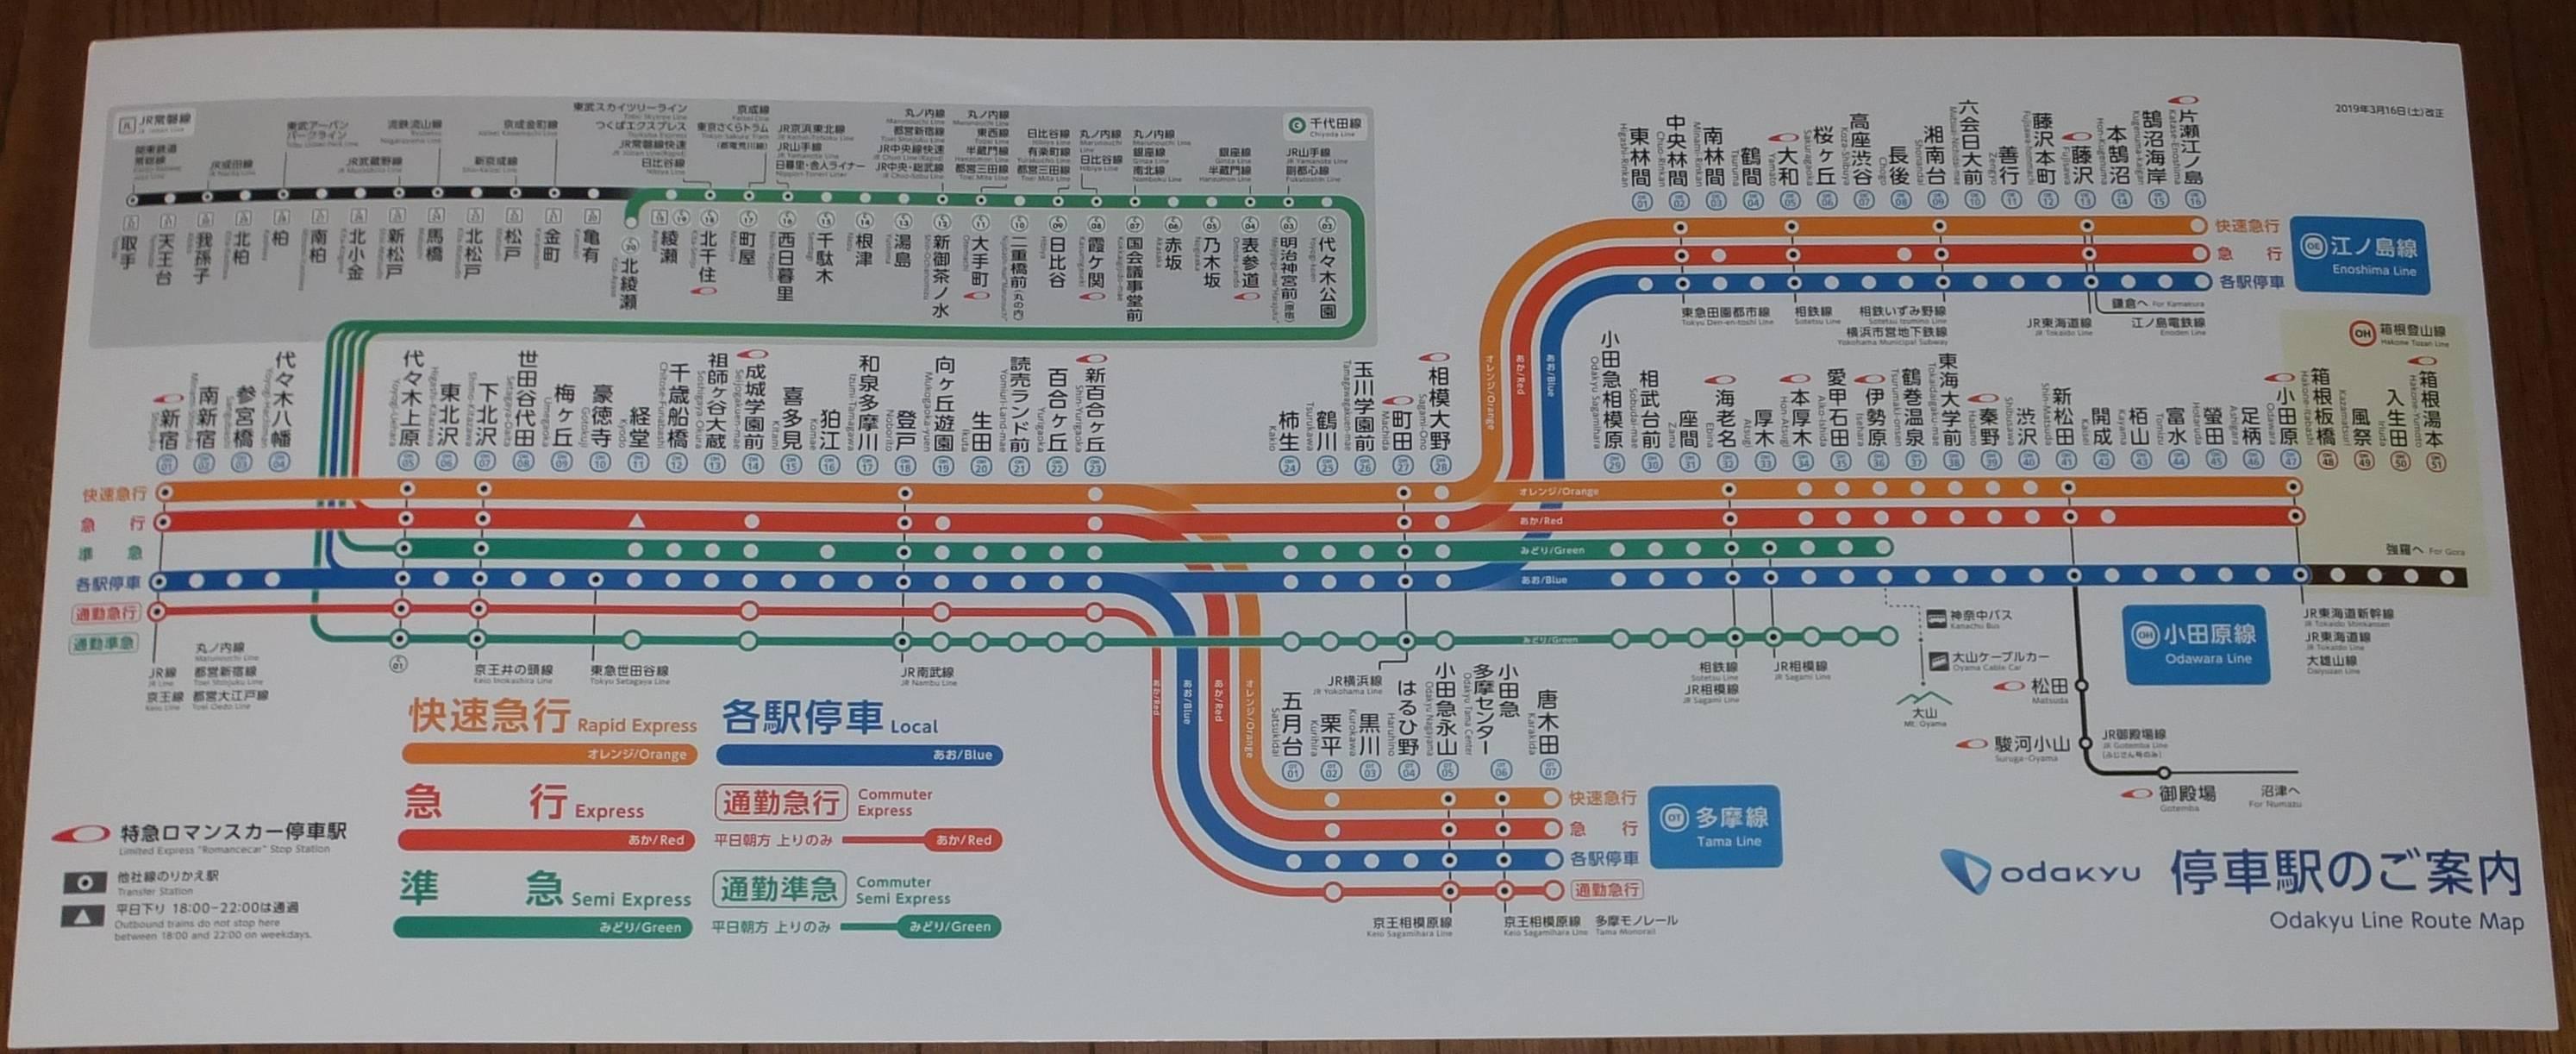 小田原 線 路線 図 小田急